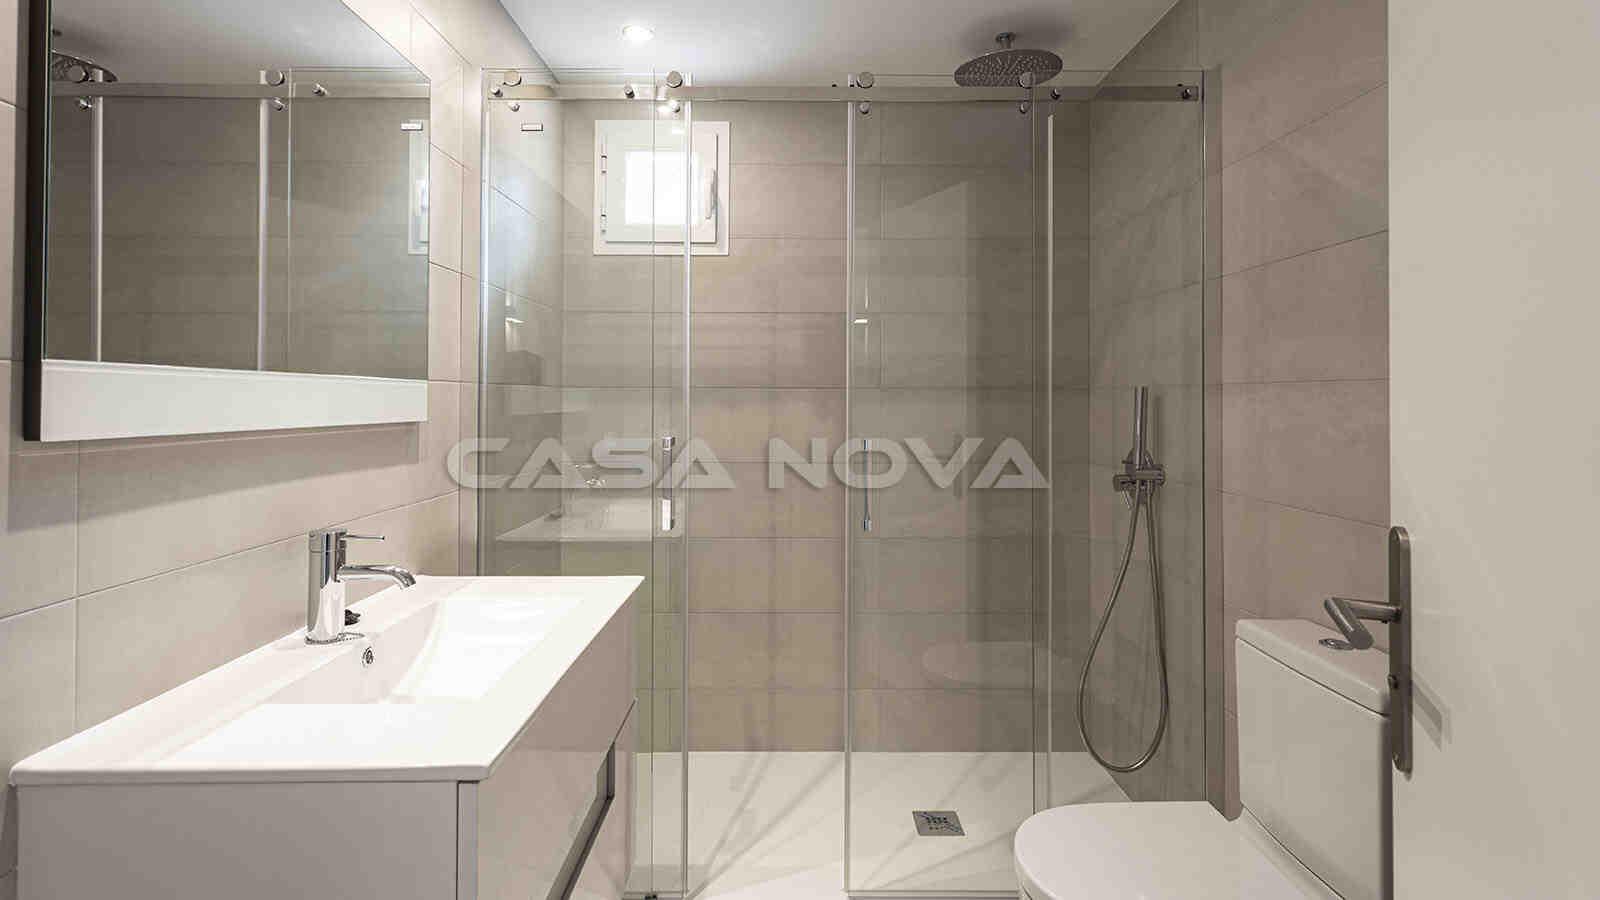 Helles Badezimmer mit moderner Glasdusche